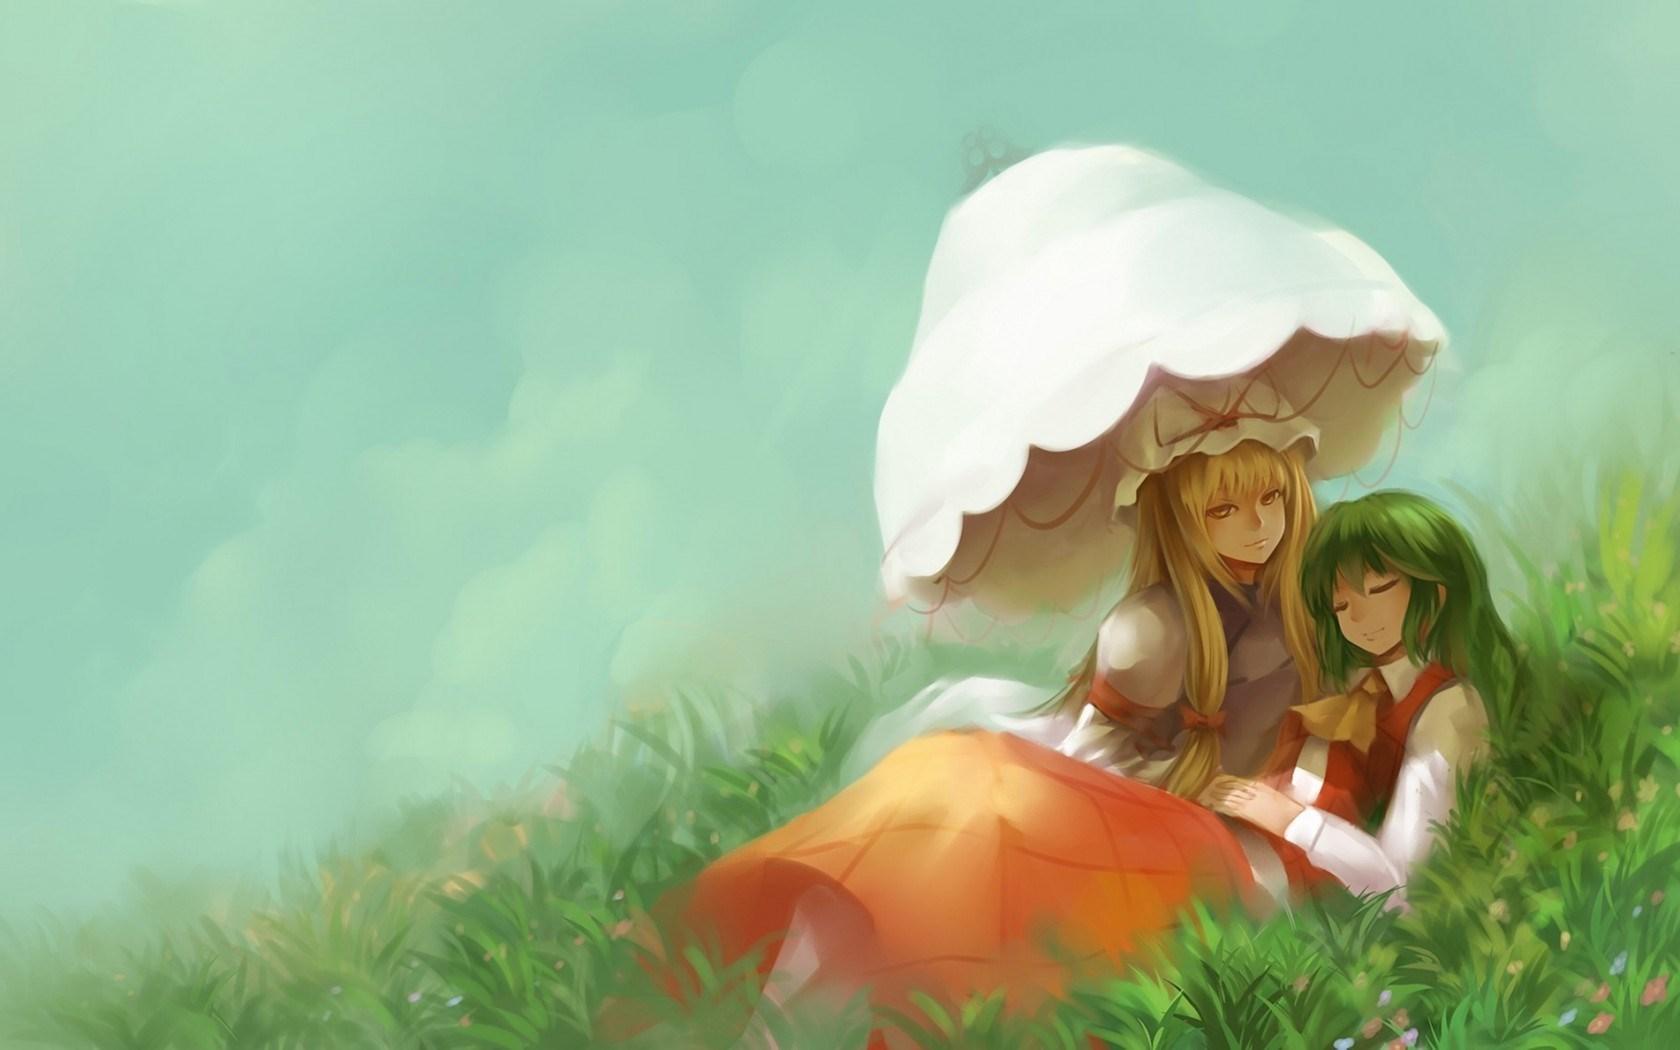 Girls Grass Umbrella Art Anime